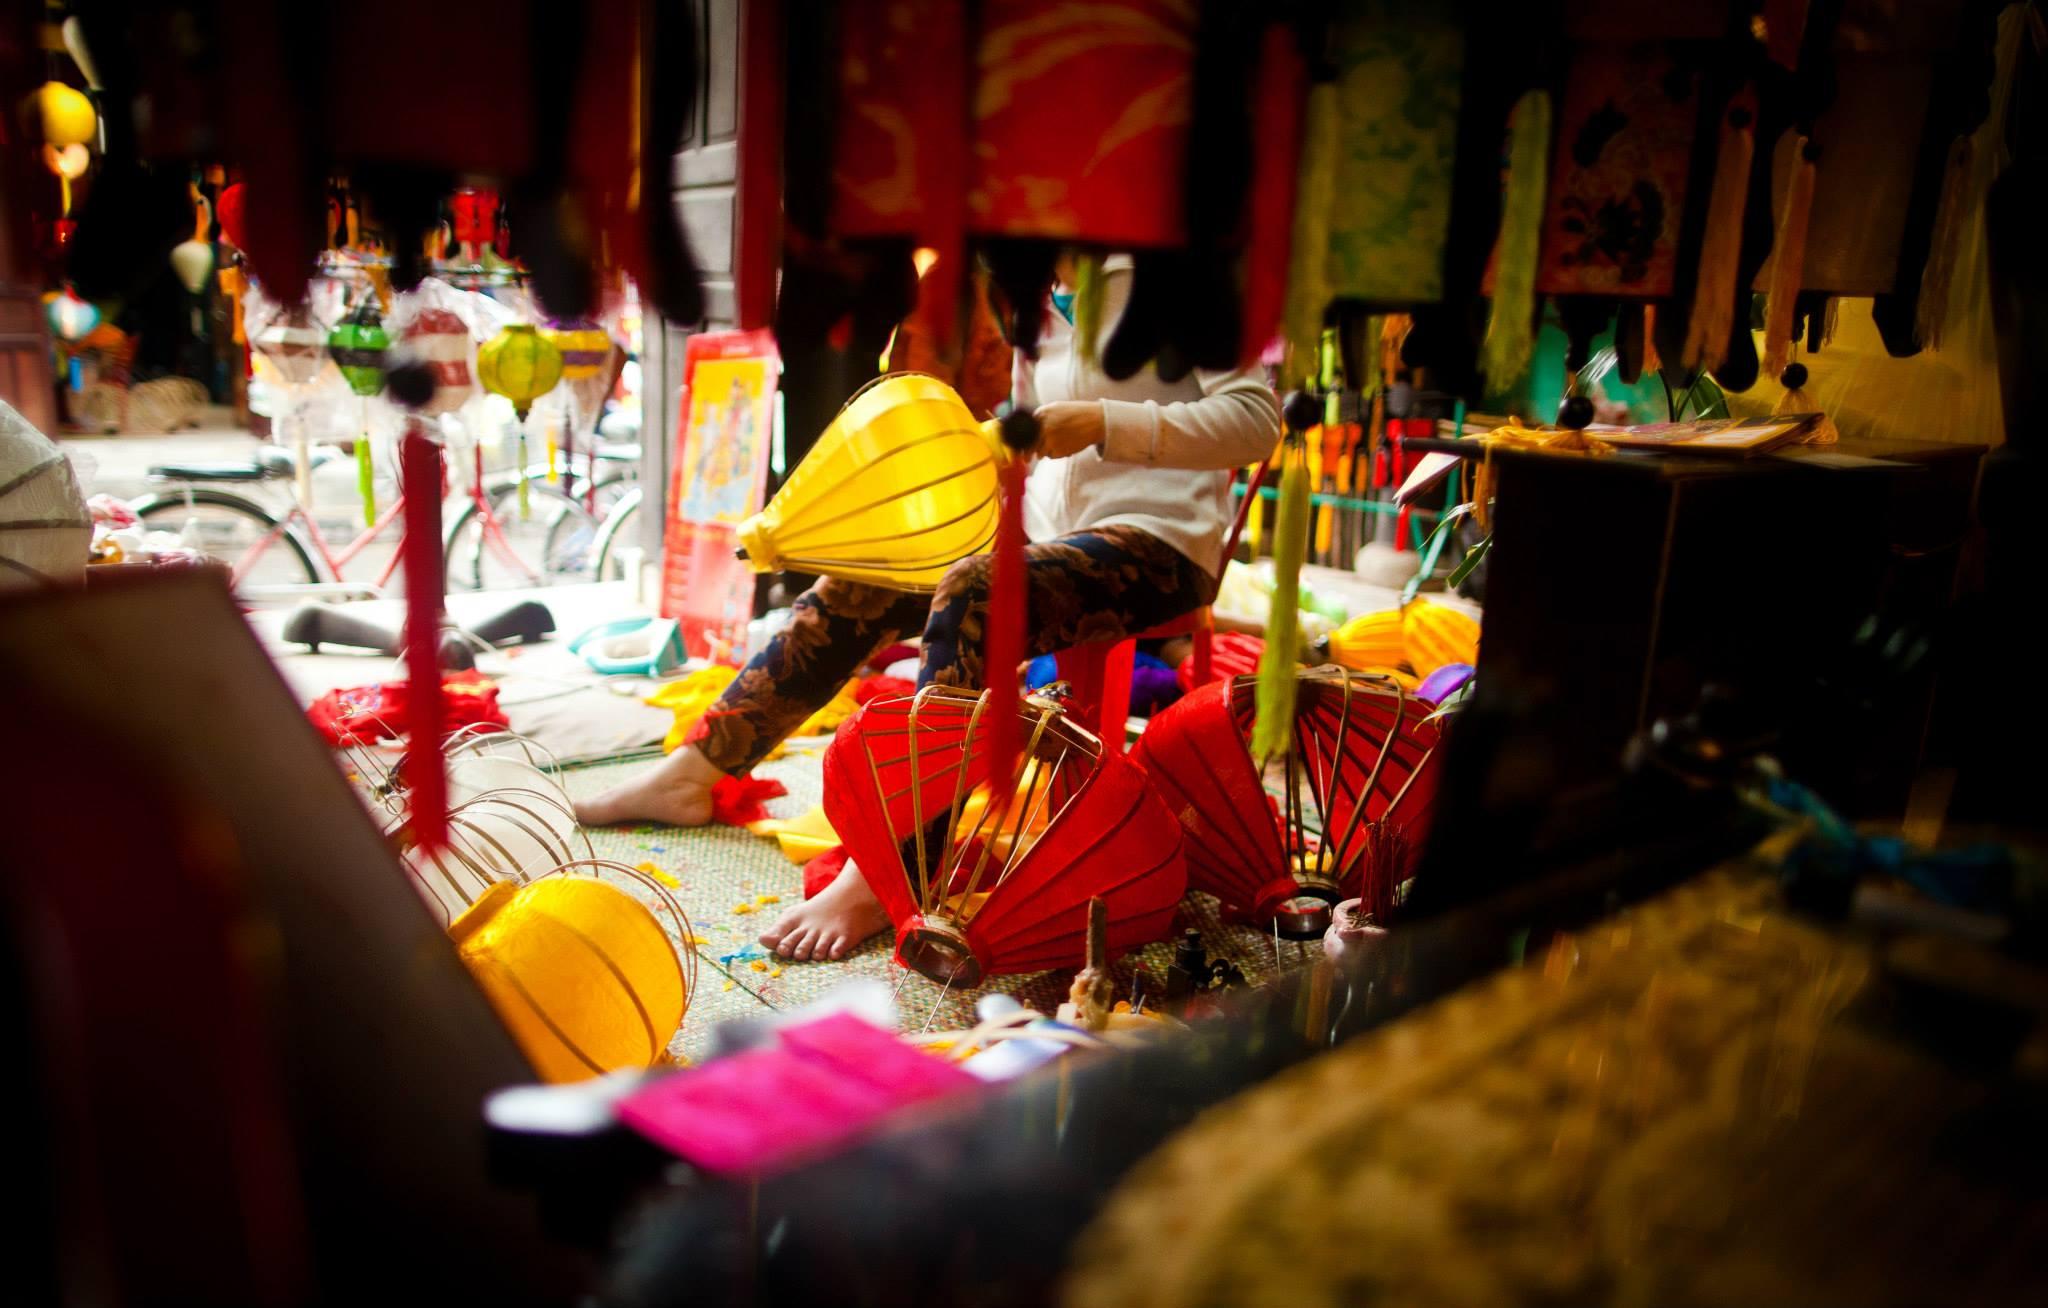 local-artisans-make-lantern